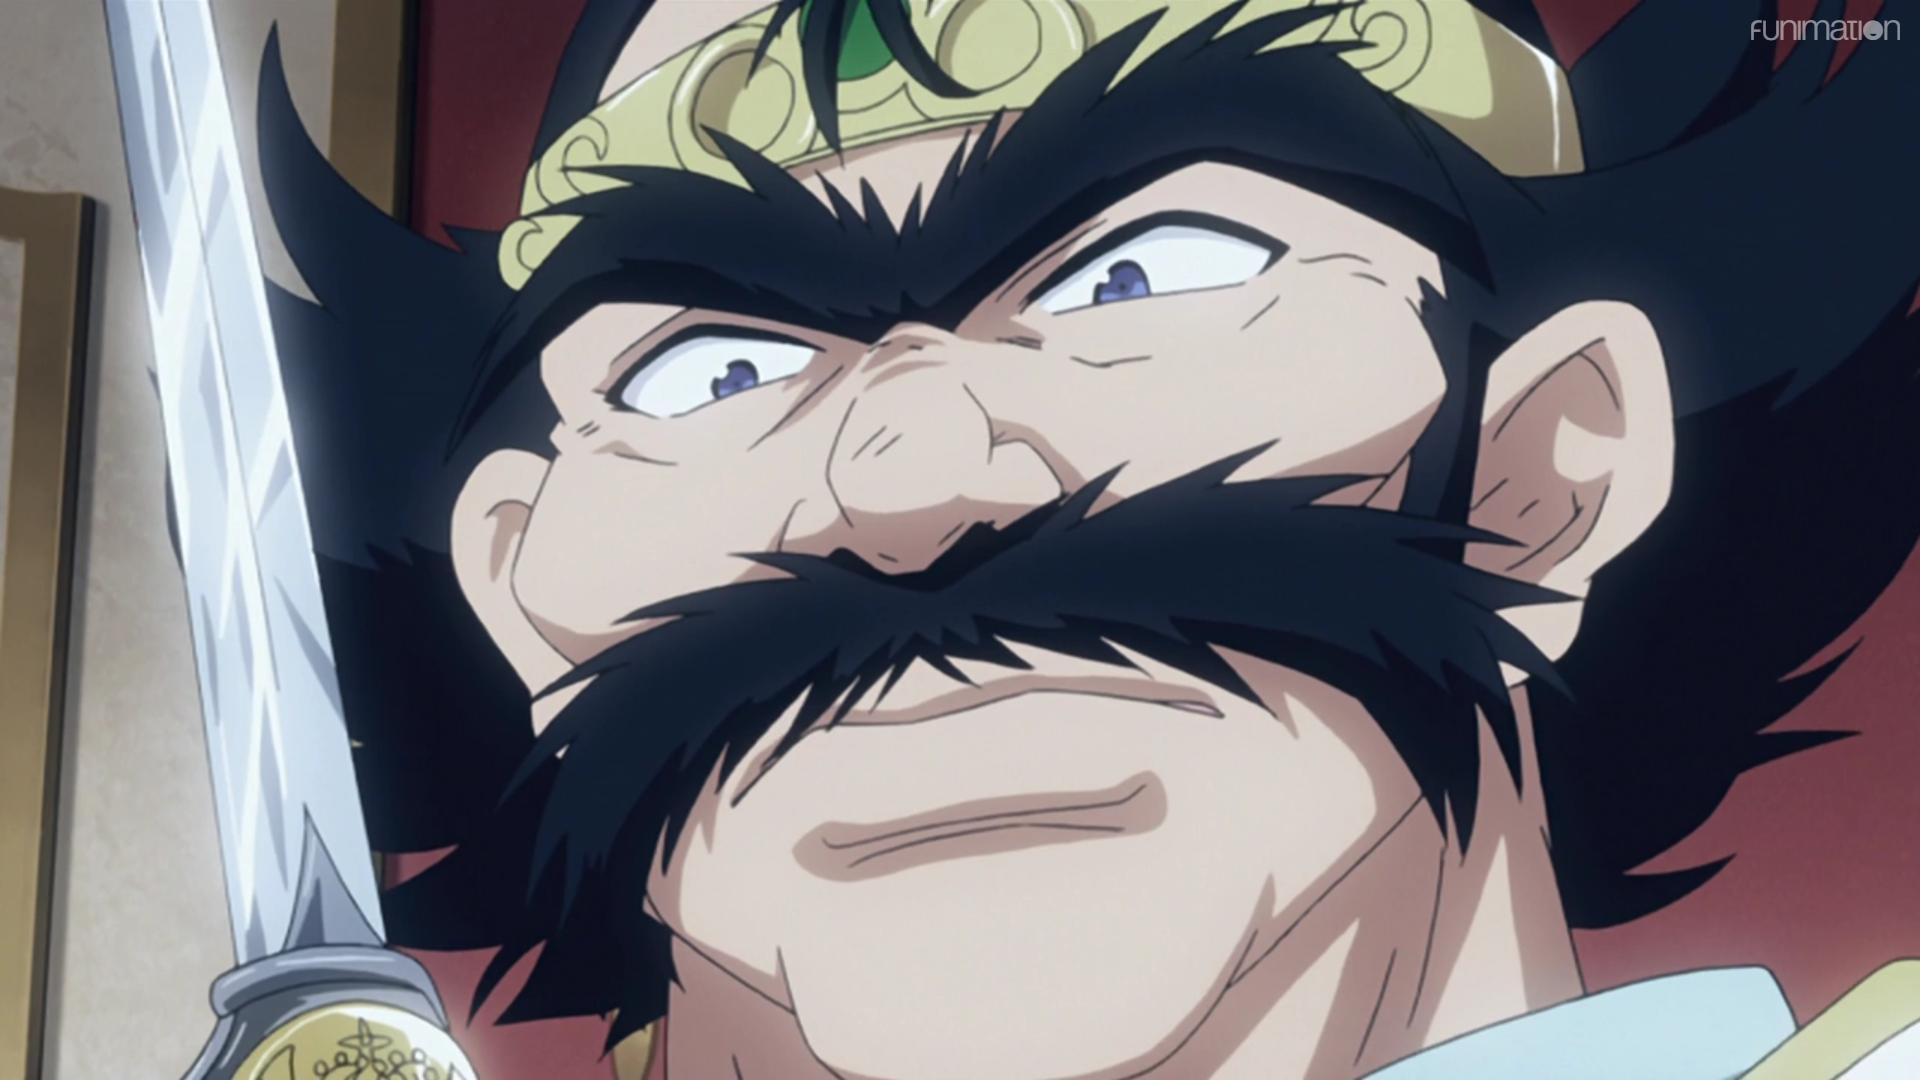 El príncipe Phil se prepara para doblar a Zelgadis como representante de la Corona de Seyruun en una escena del anime de televisión Slayers.